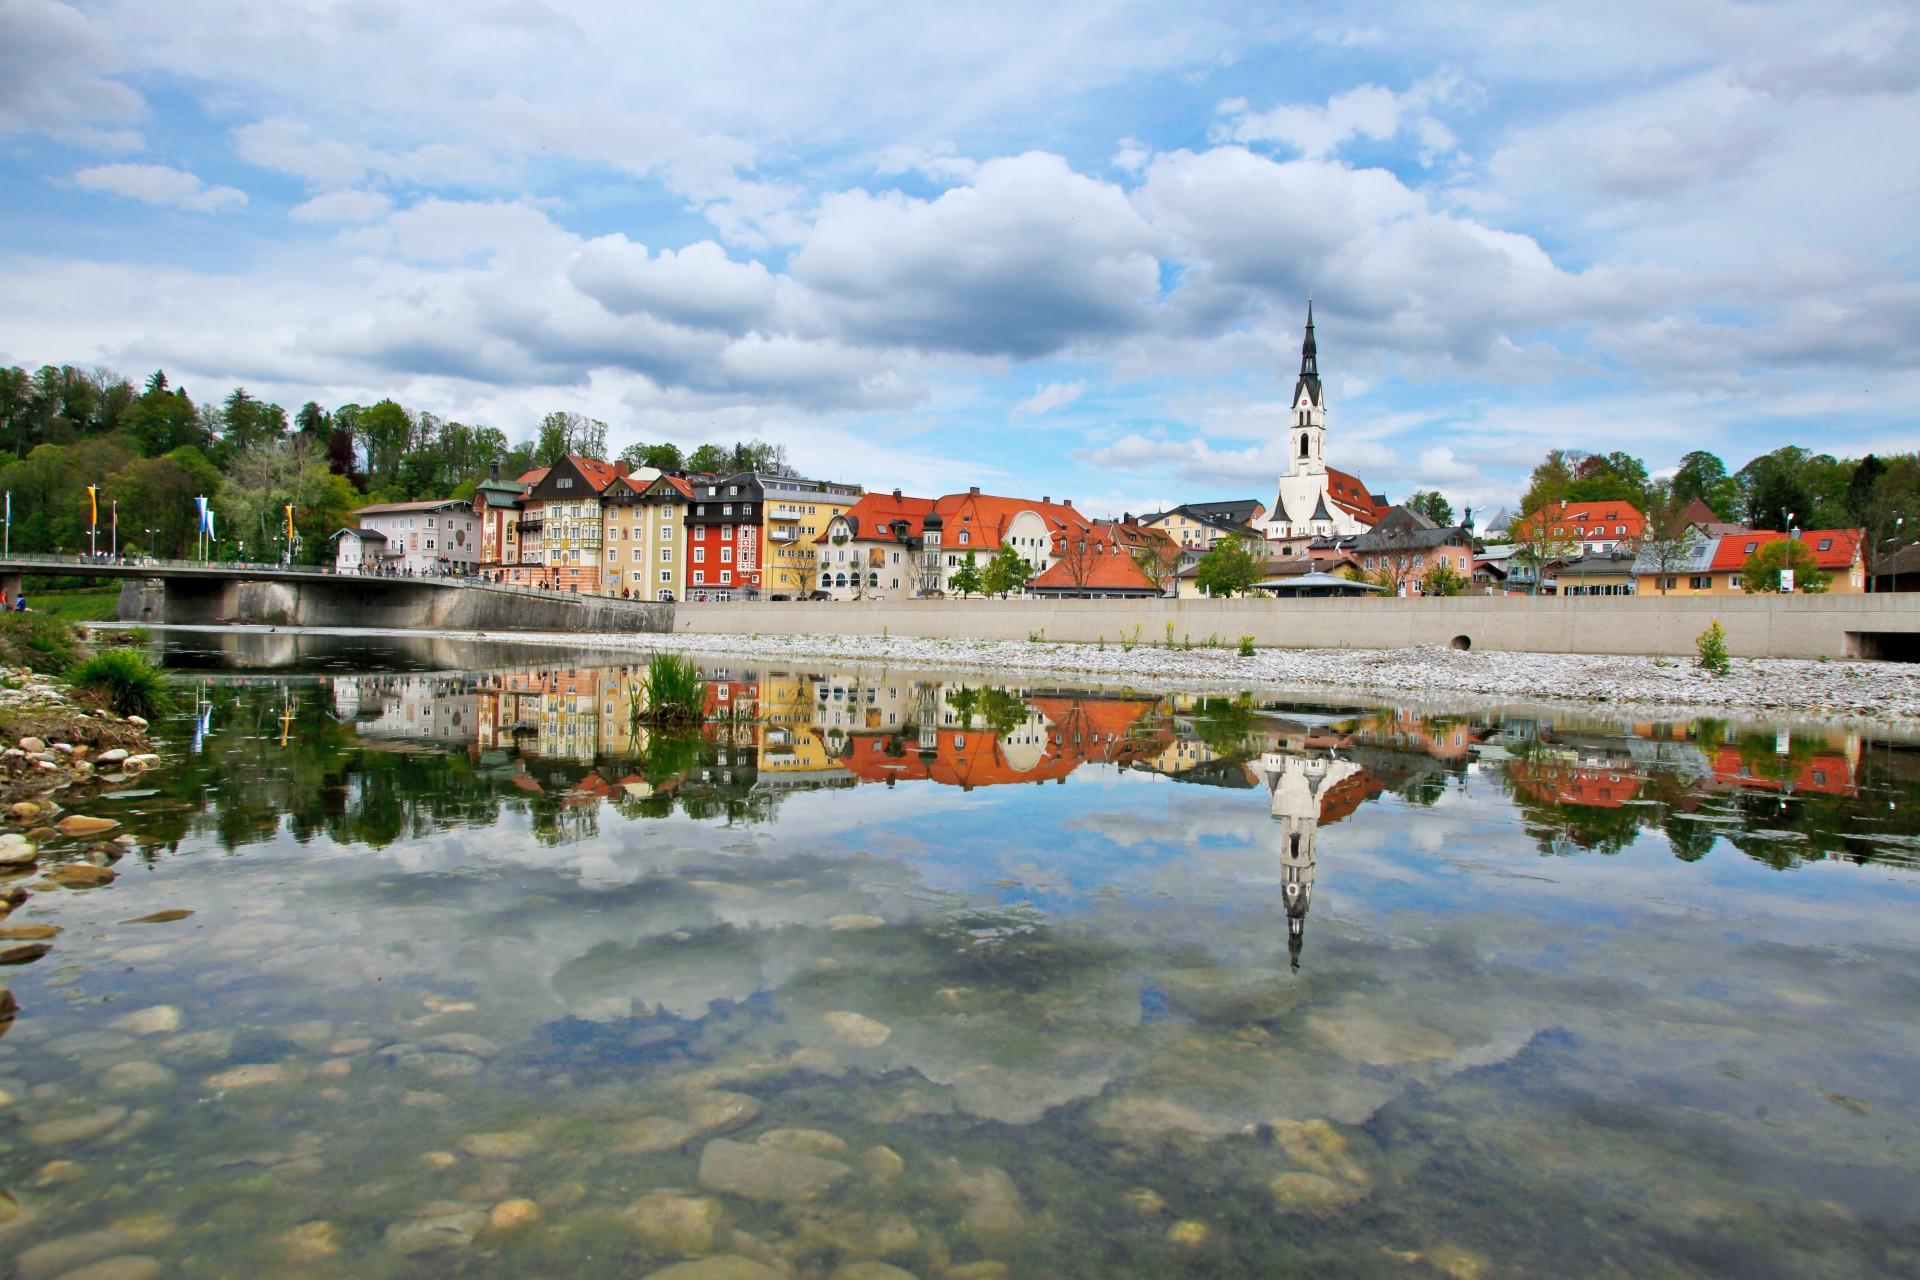 Stadtbild Bad Tölz von der Isar aus